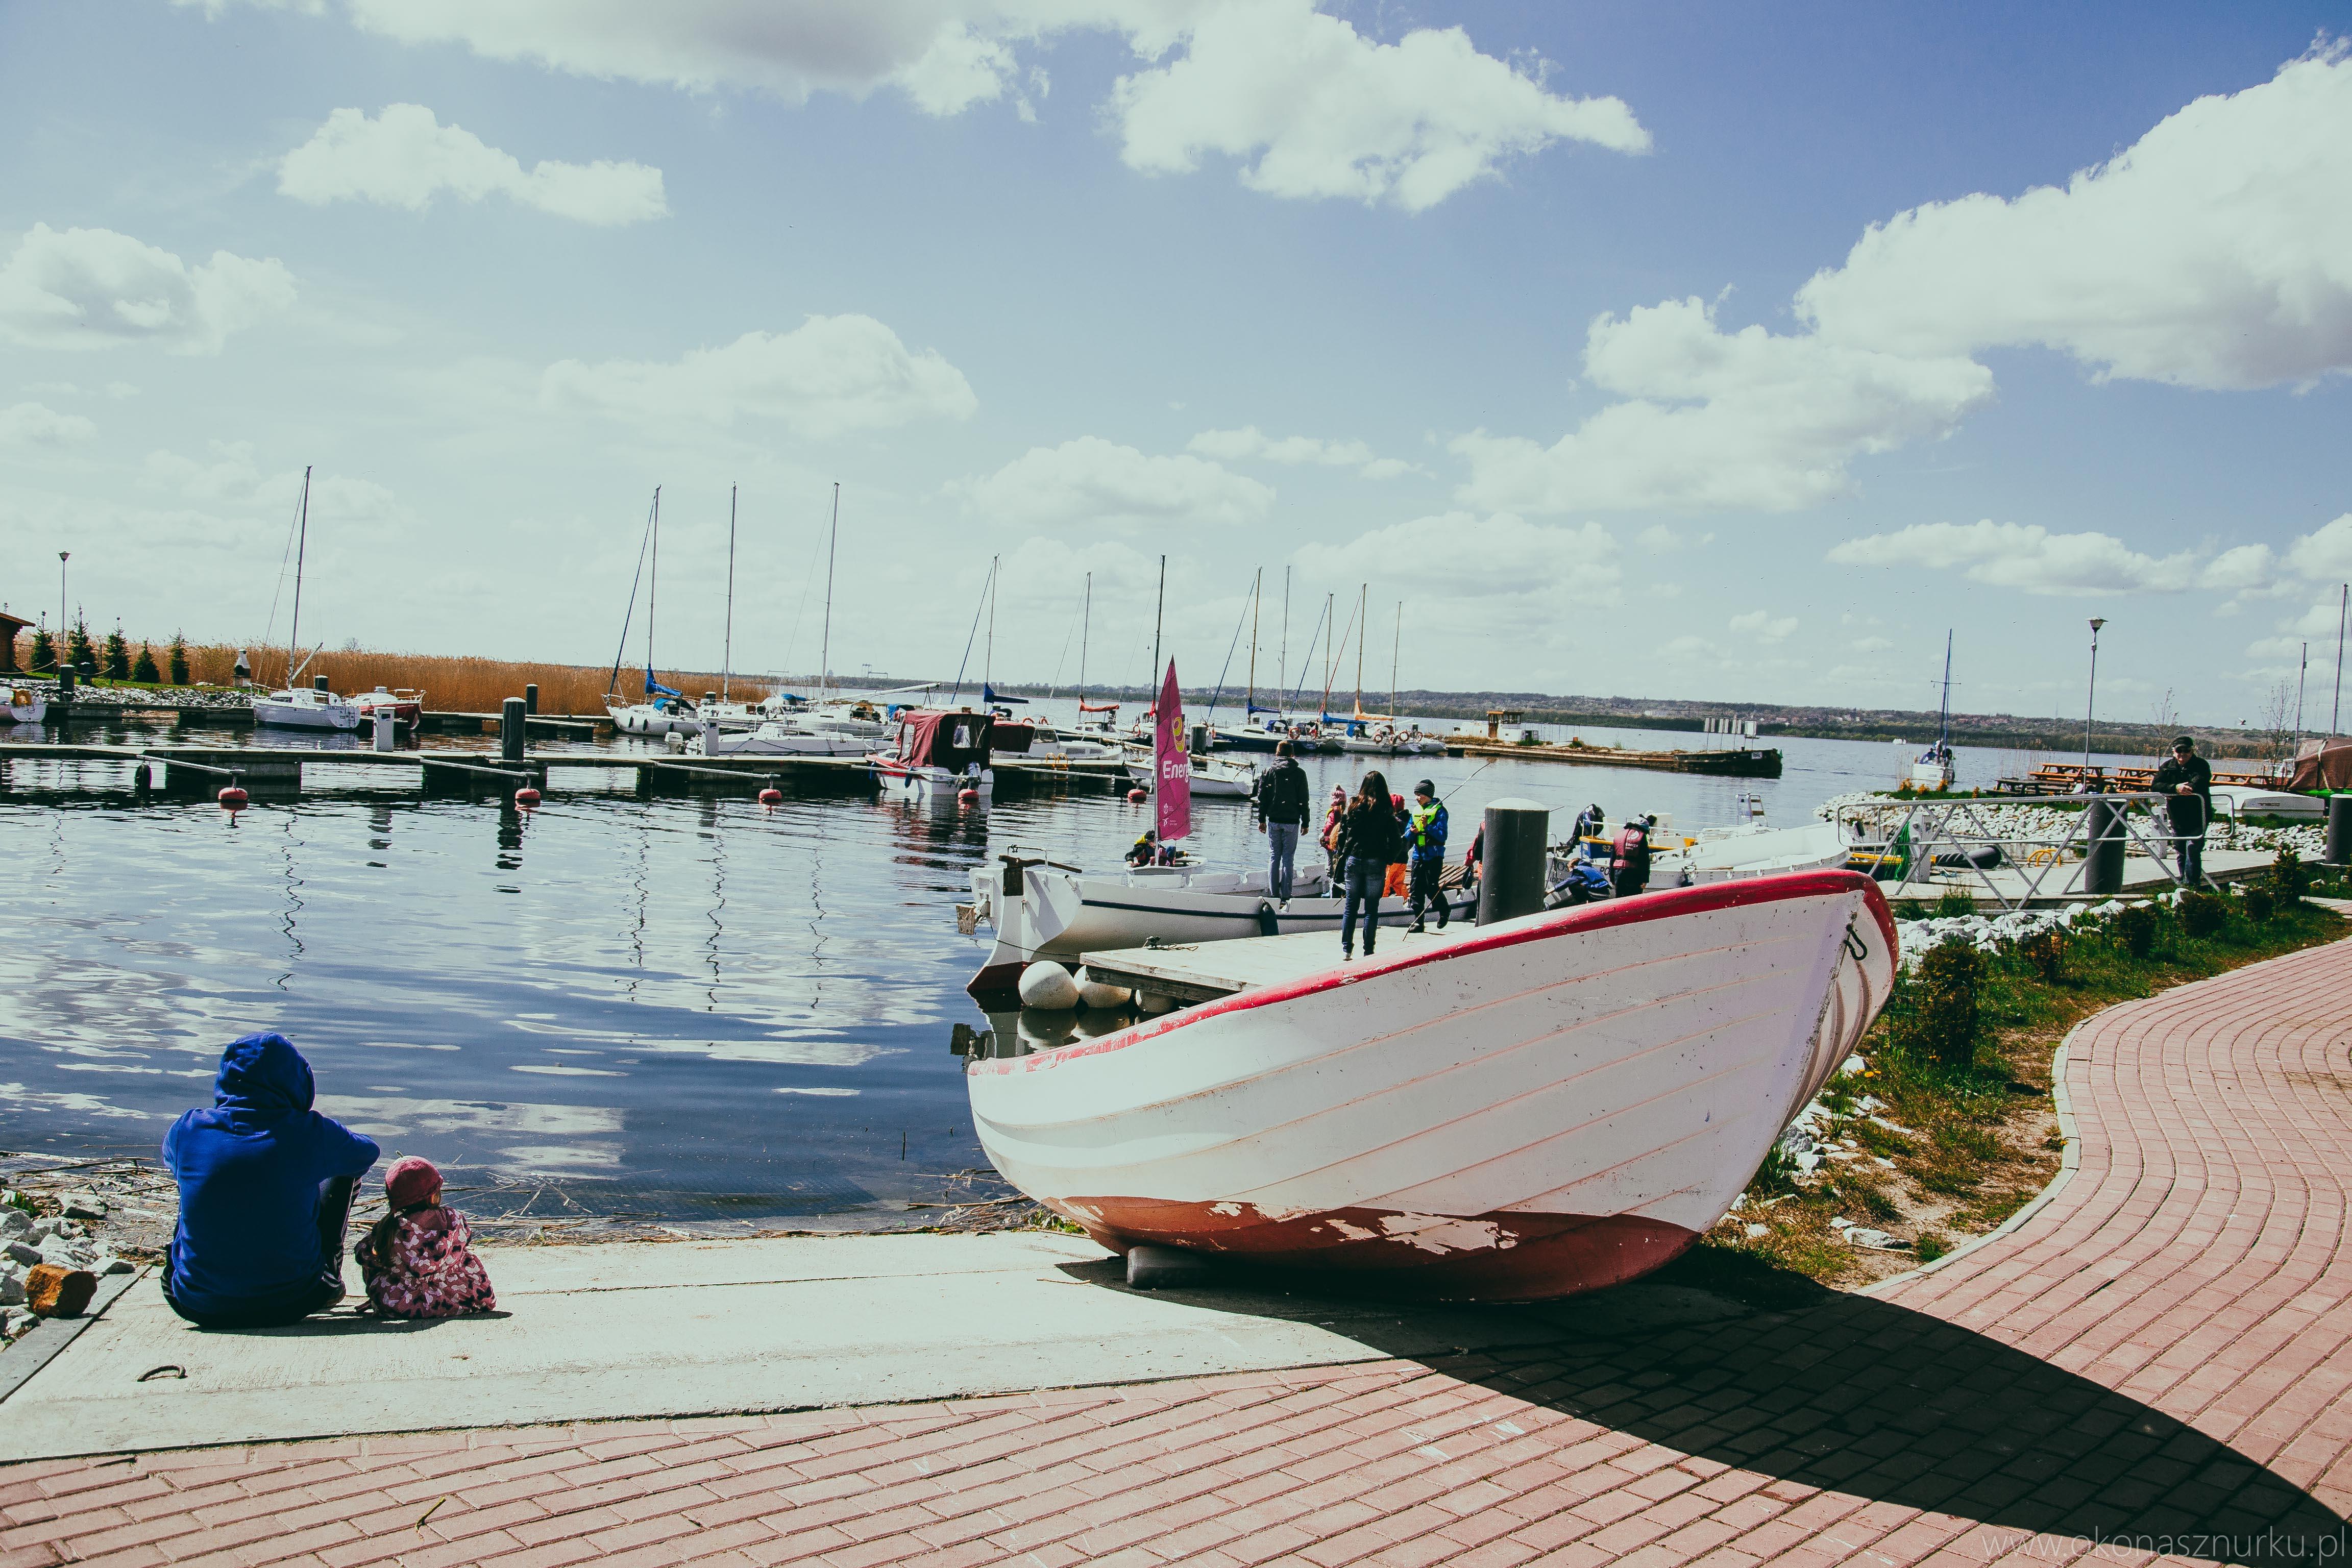 marina-jacht-wyprawy-morskie-silesia-szczecin-goclaw-lubczyna (66)